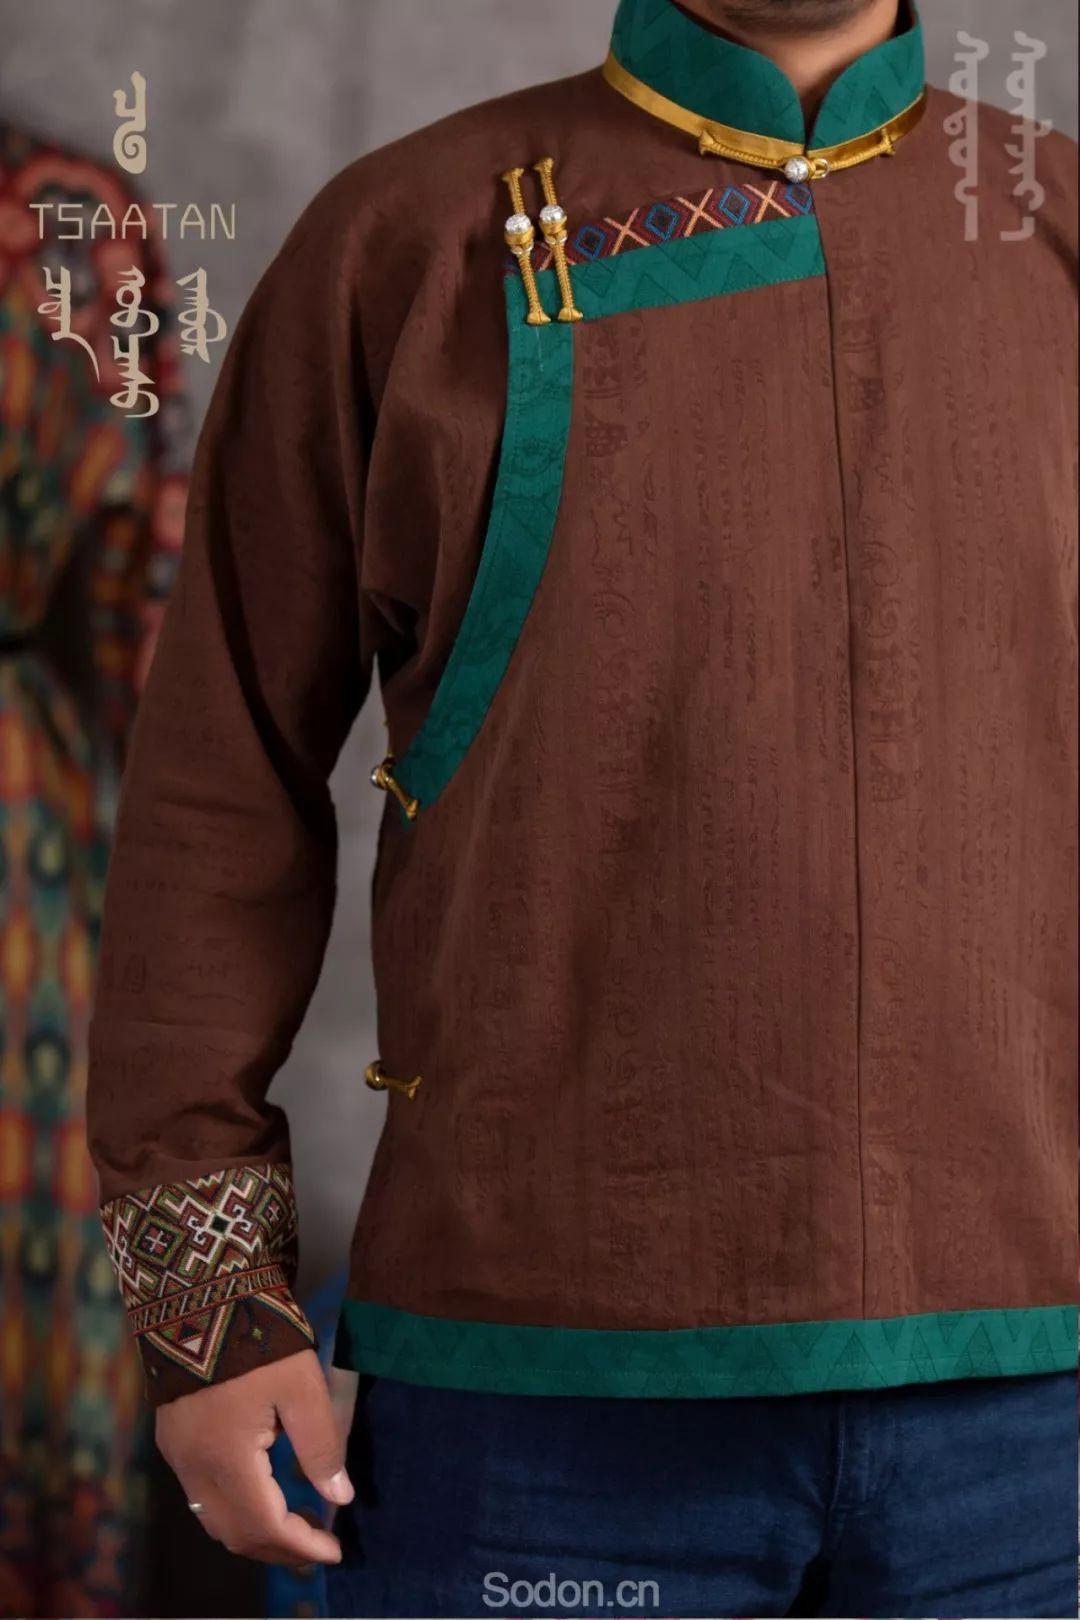 TSAATAN蒙古时装秋冬系列,来自驯鹿人的独特魅力! 第48张 TSAATAN蒙古时装秋冬系列,来自驯鹿人的独特魅力! 蒙古服饰